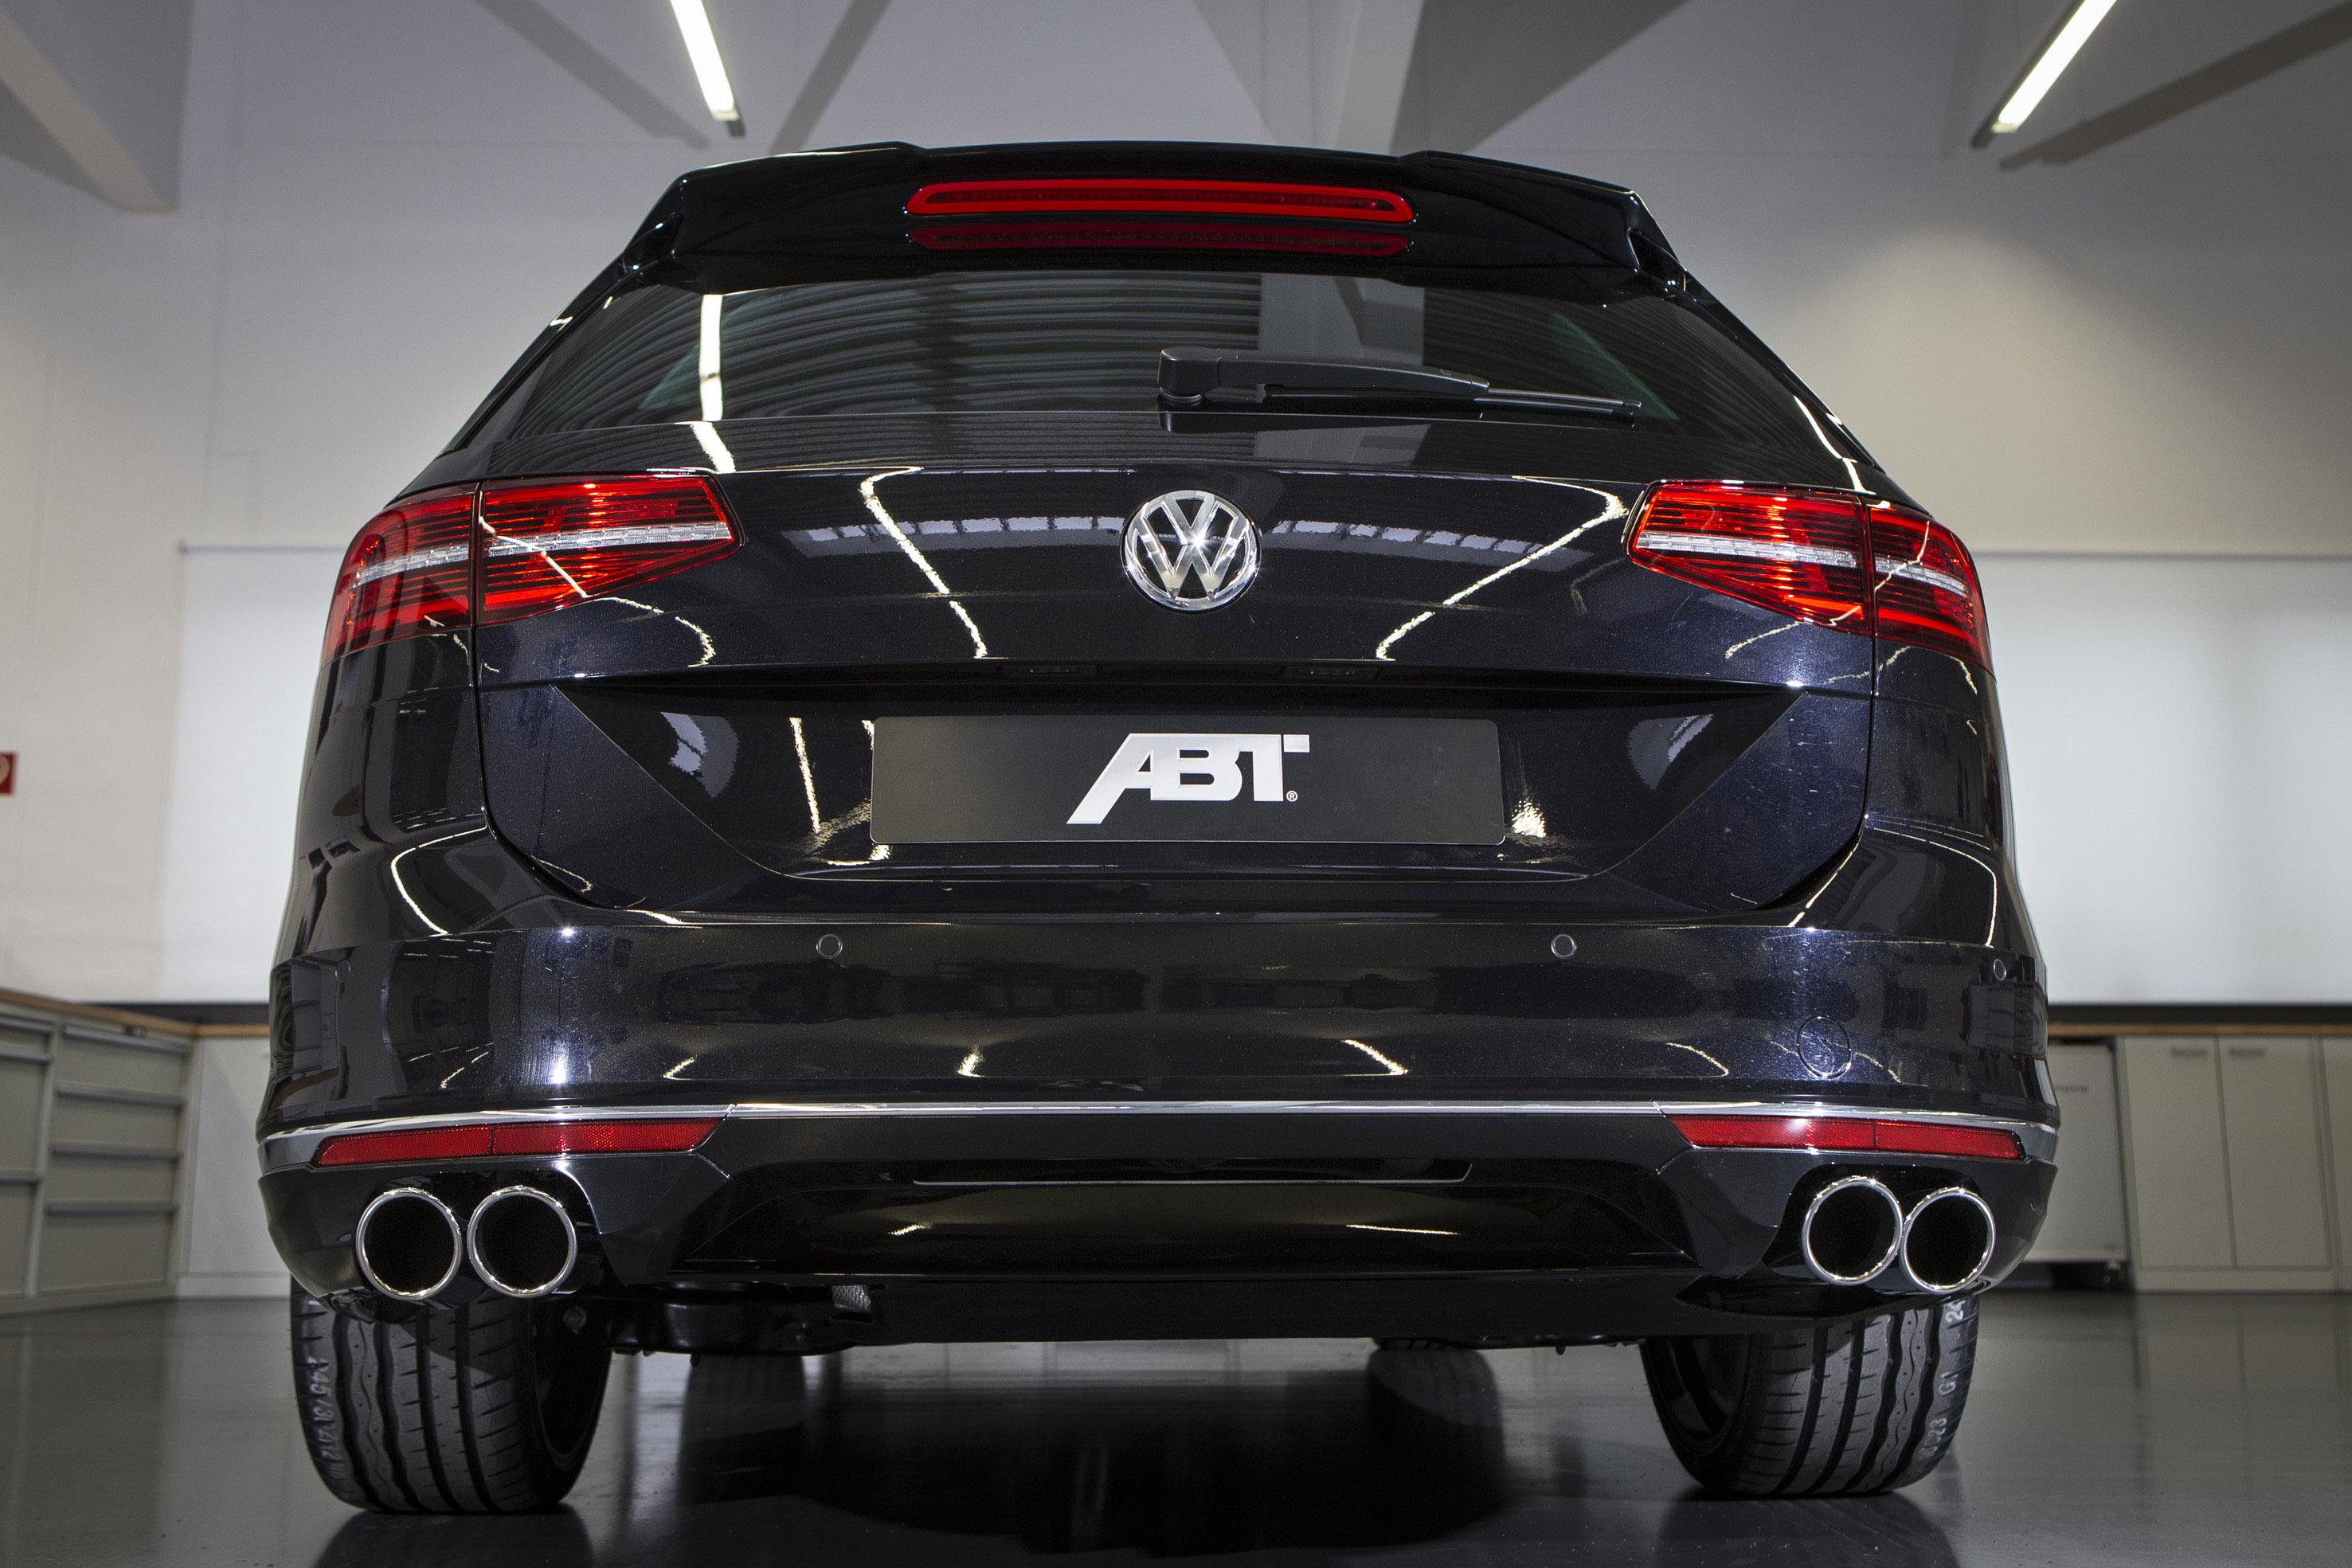 http://cdn3.automobilesreview.com/img/2015-abt-volkswagen-passat-b8/2015-abt-volkswagen-passat-b8-11.jpg